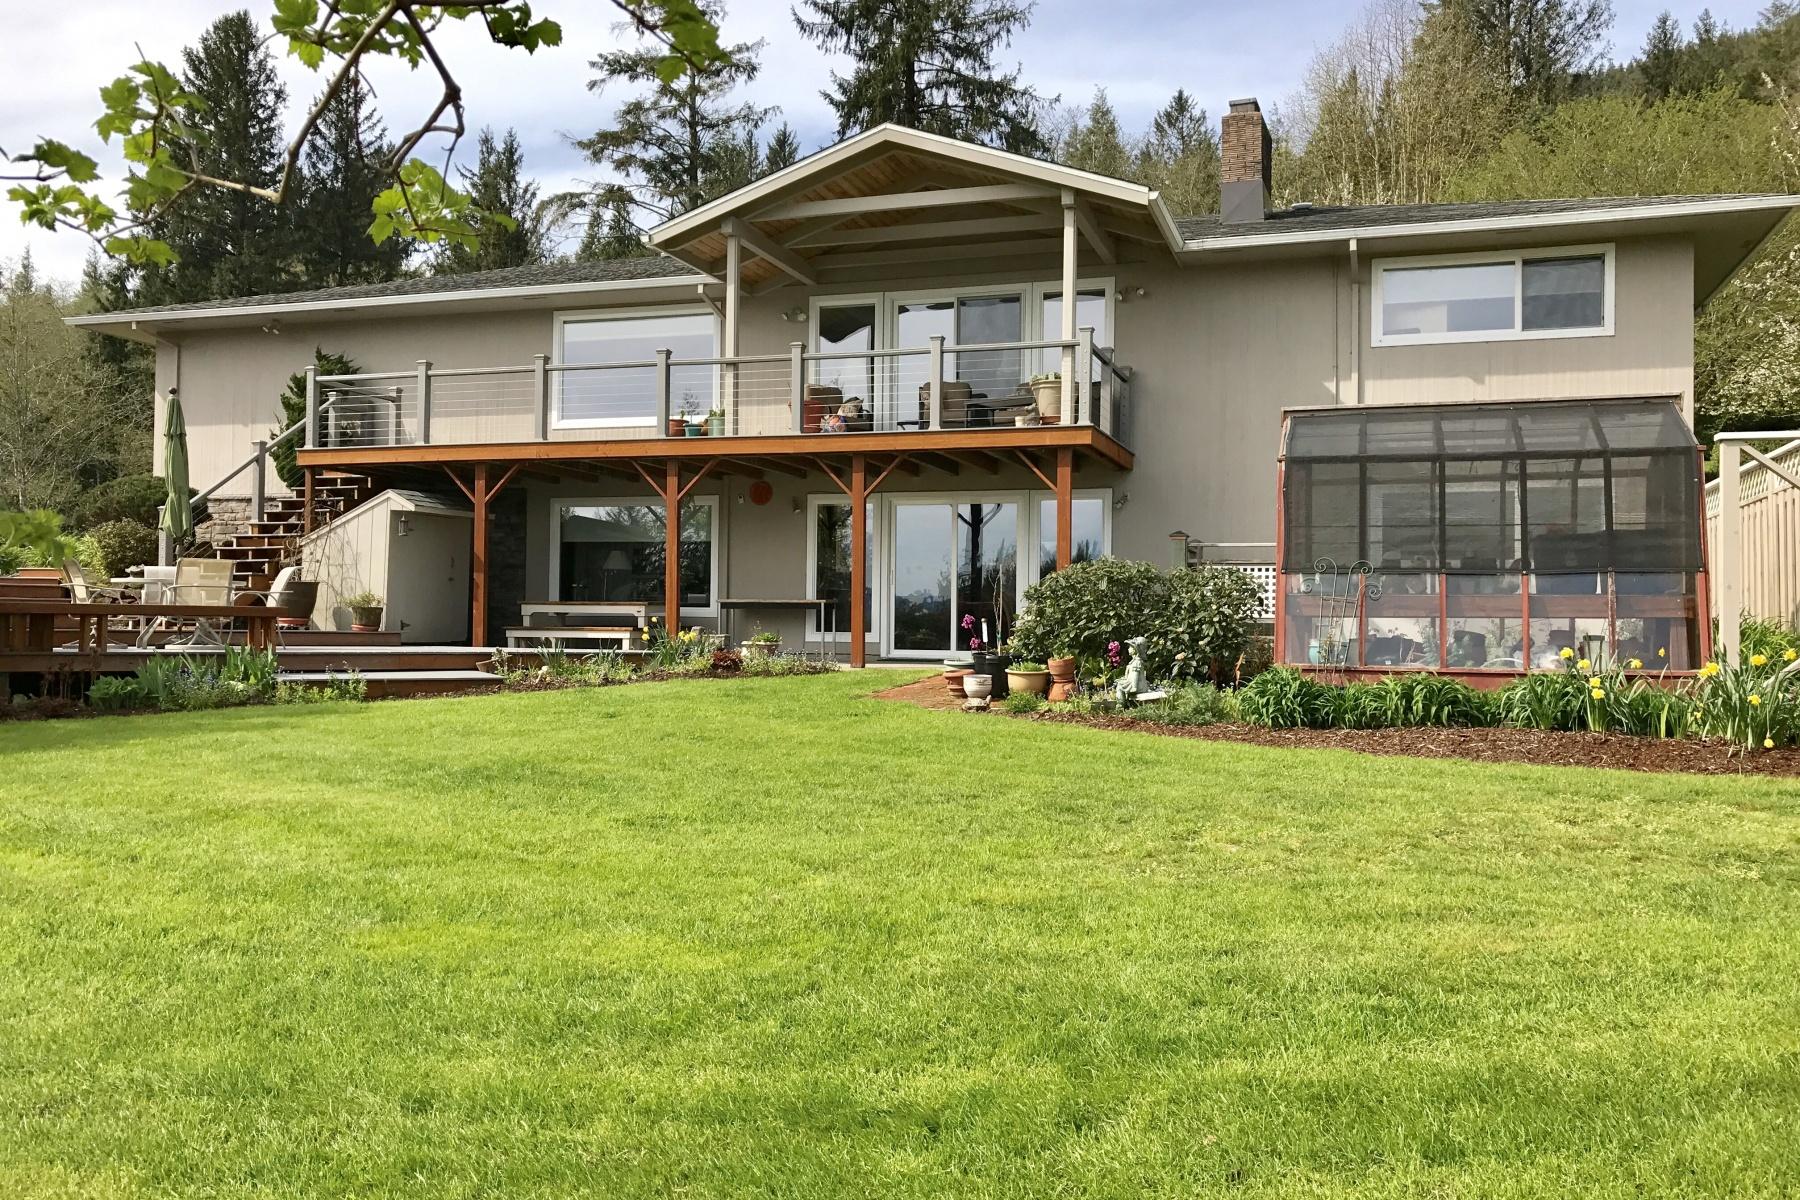 Einfamilienhaus für Verkauf beim 3455 NORTHWOOD WAY, TILLAMOOK, OR Tillamook, Oregon, 97141 Vereinigte Staaten